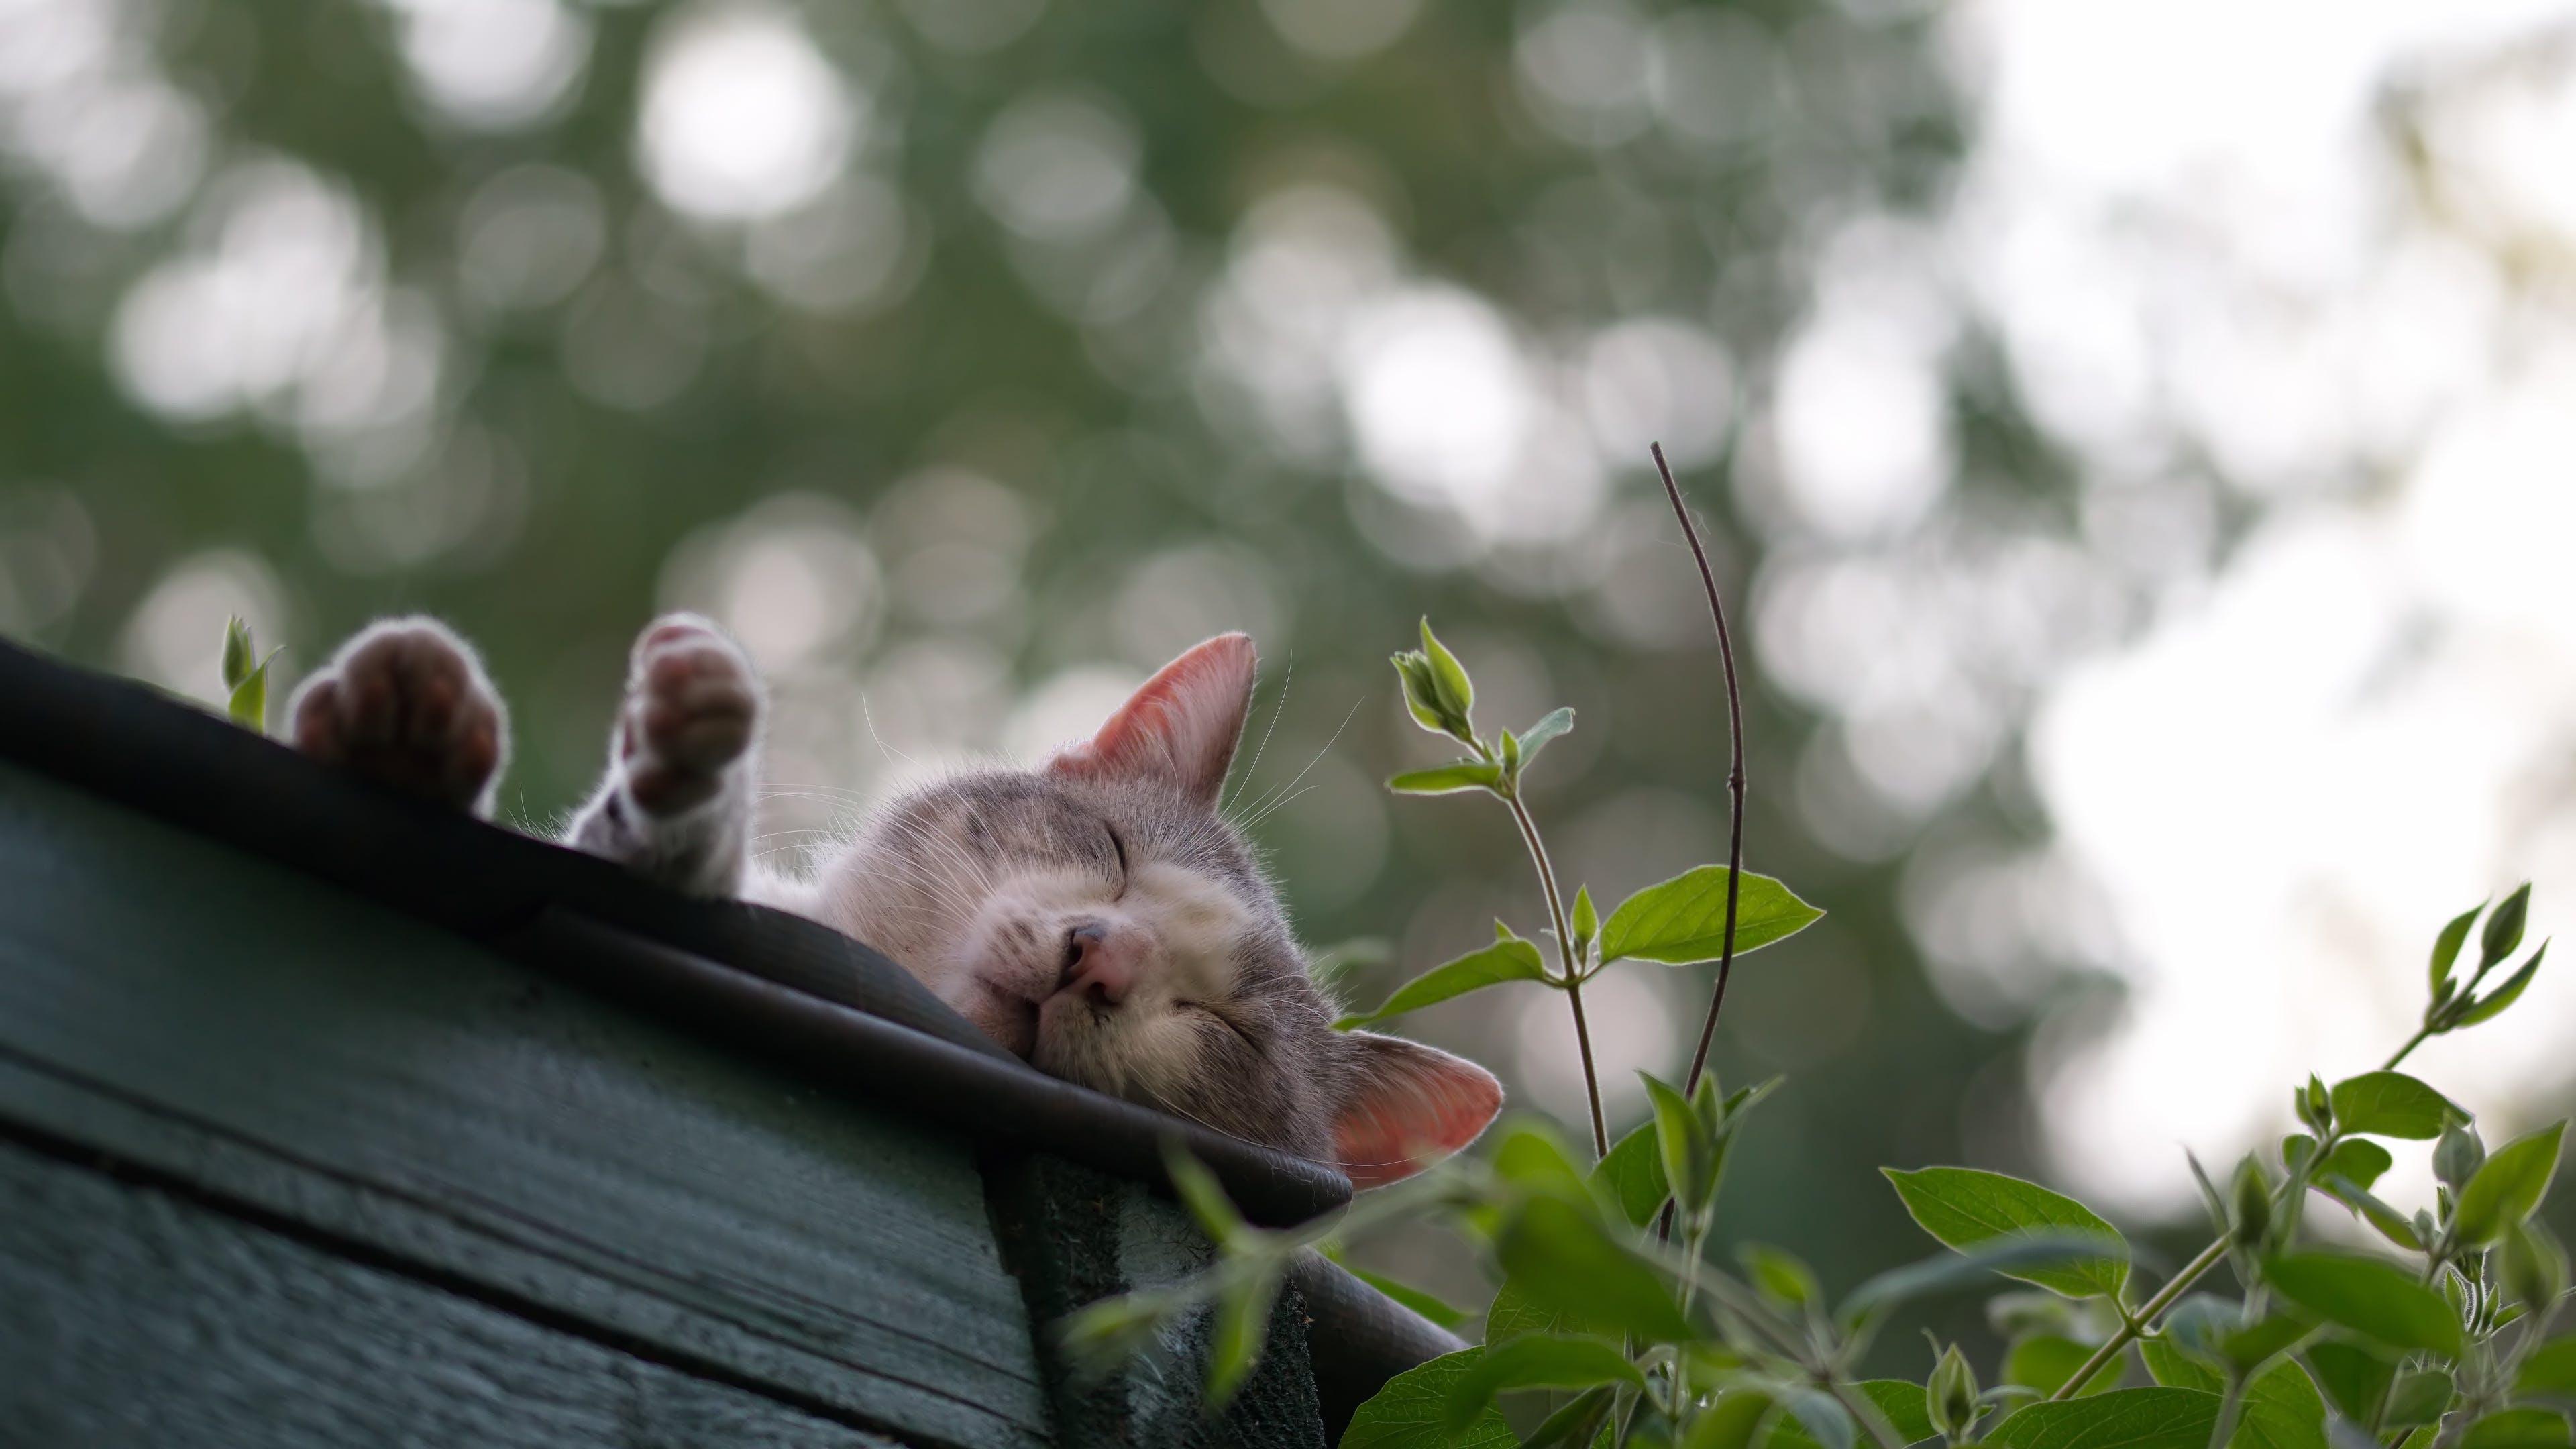 Ảnh lưu trữ miễn phí về con mèo, con vật, dễ thương, ít